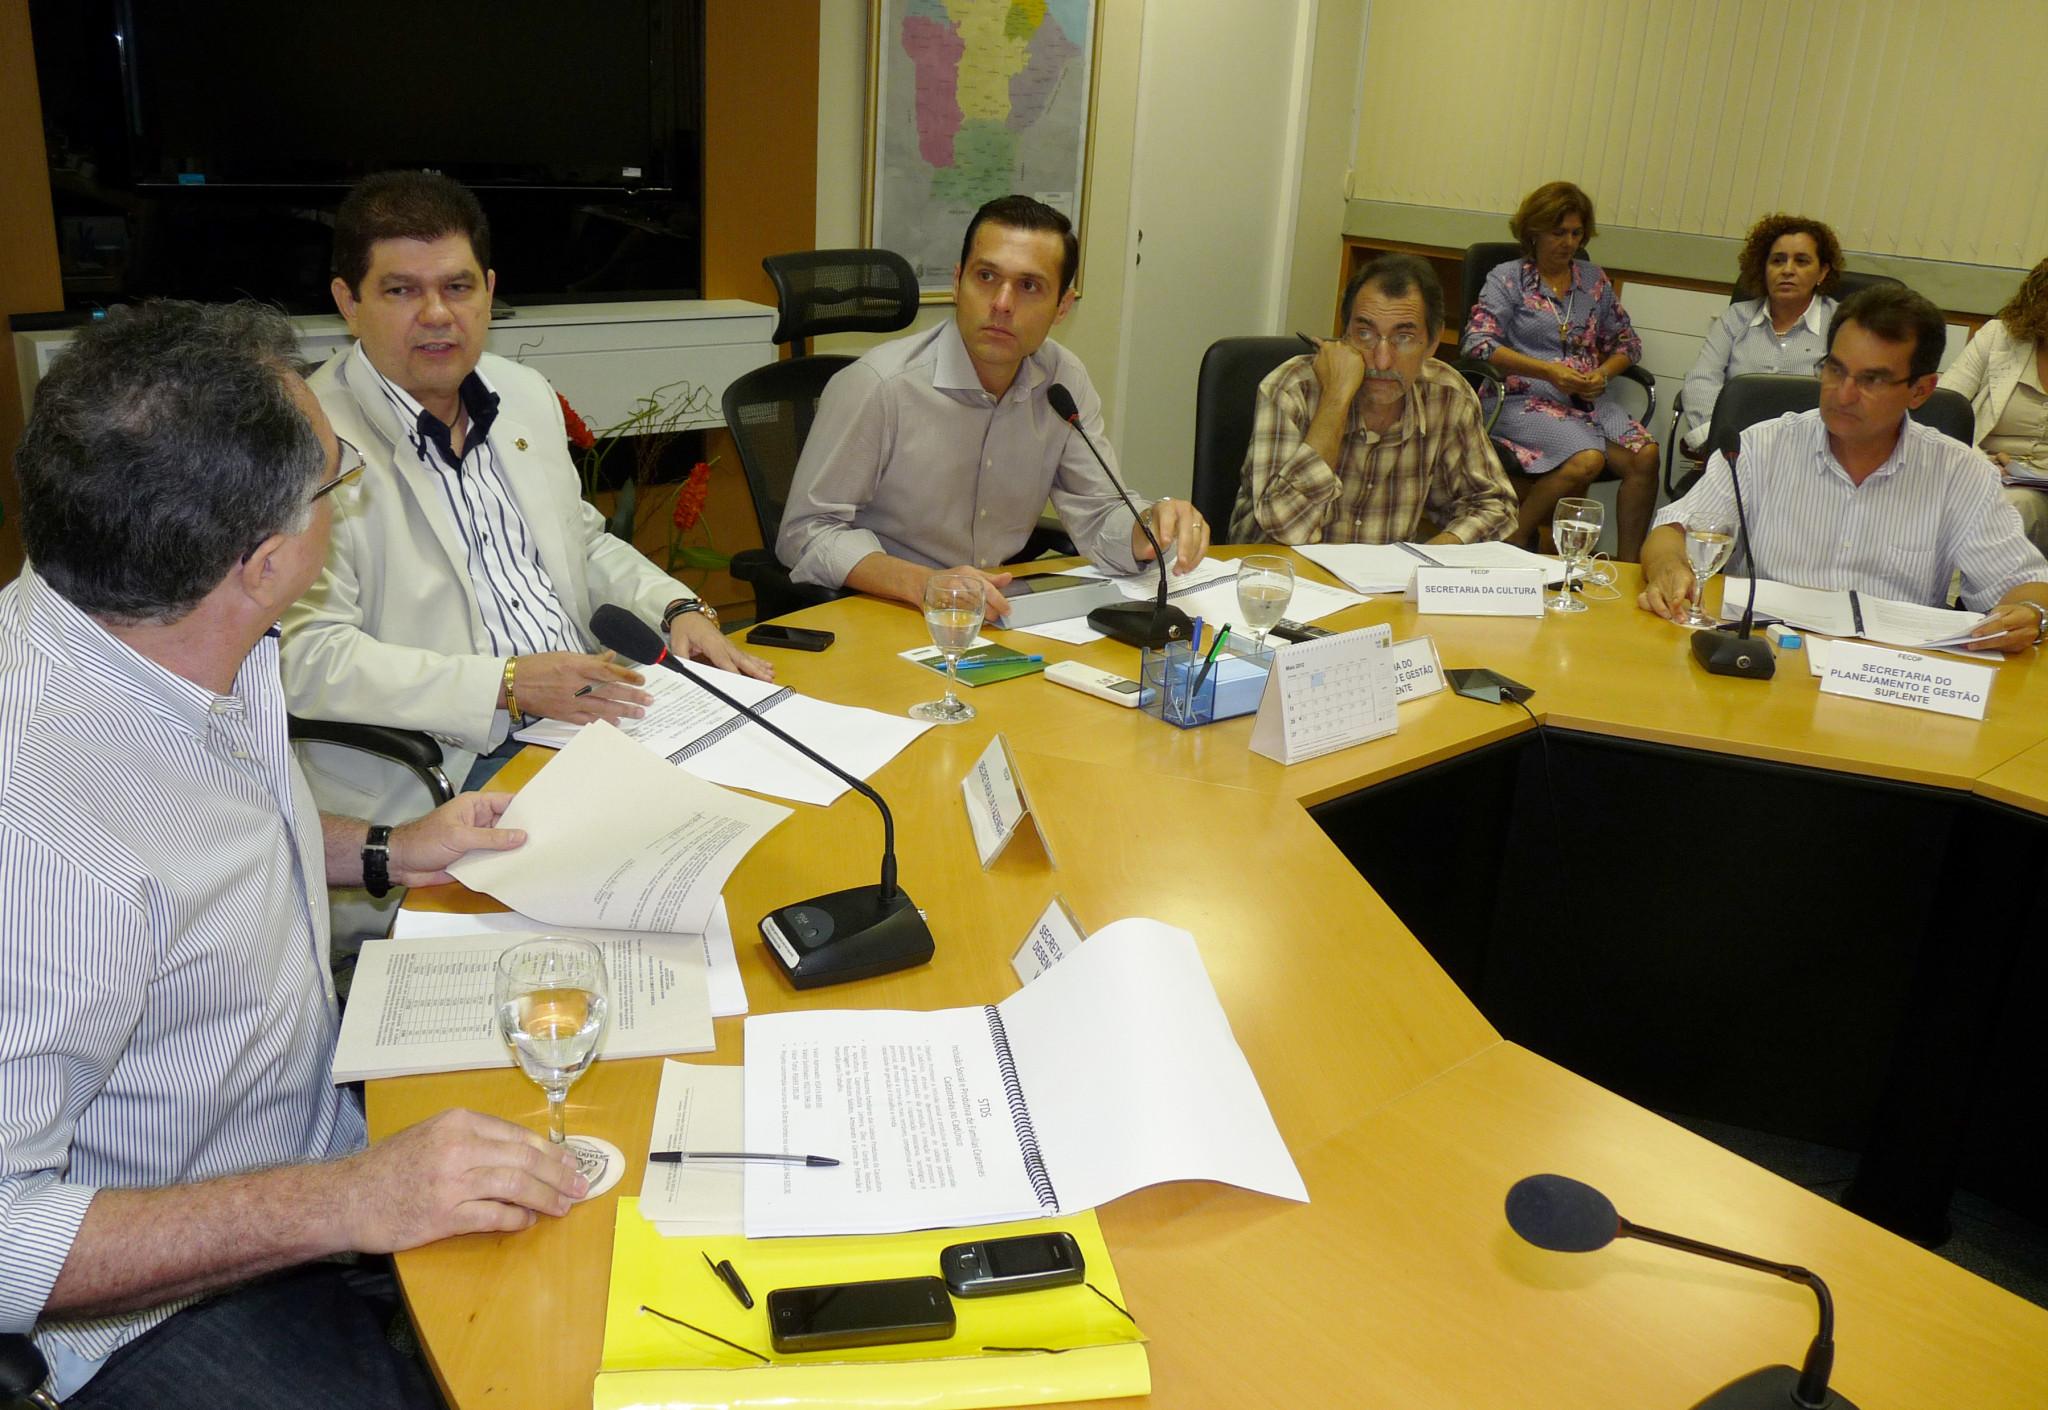 12-04-2012 - Reunião FECOP - Sala de Reunião (6)